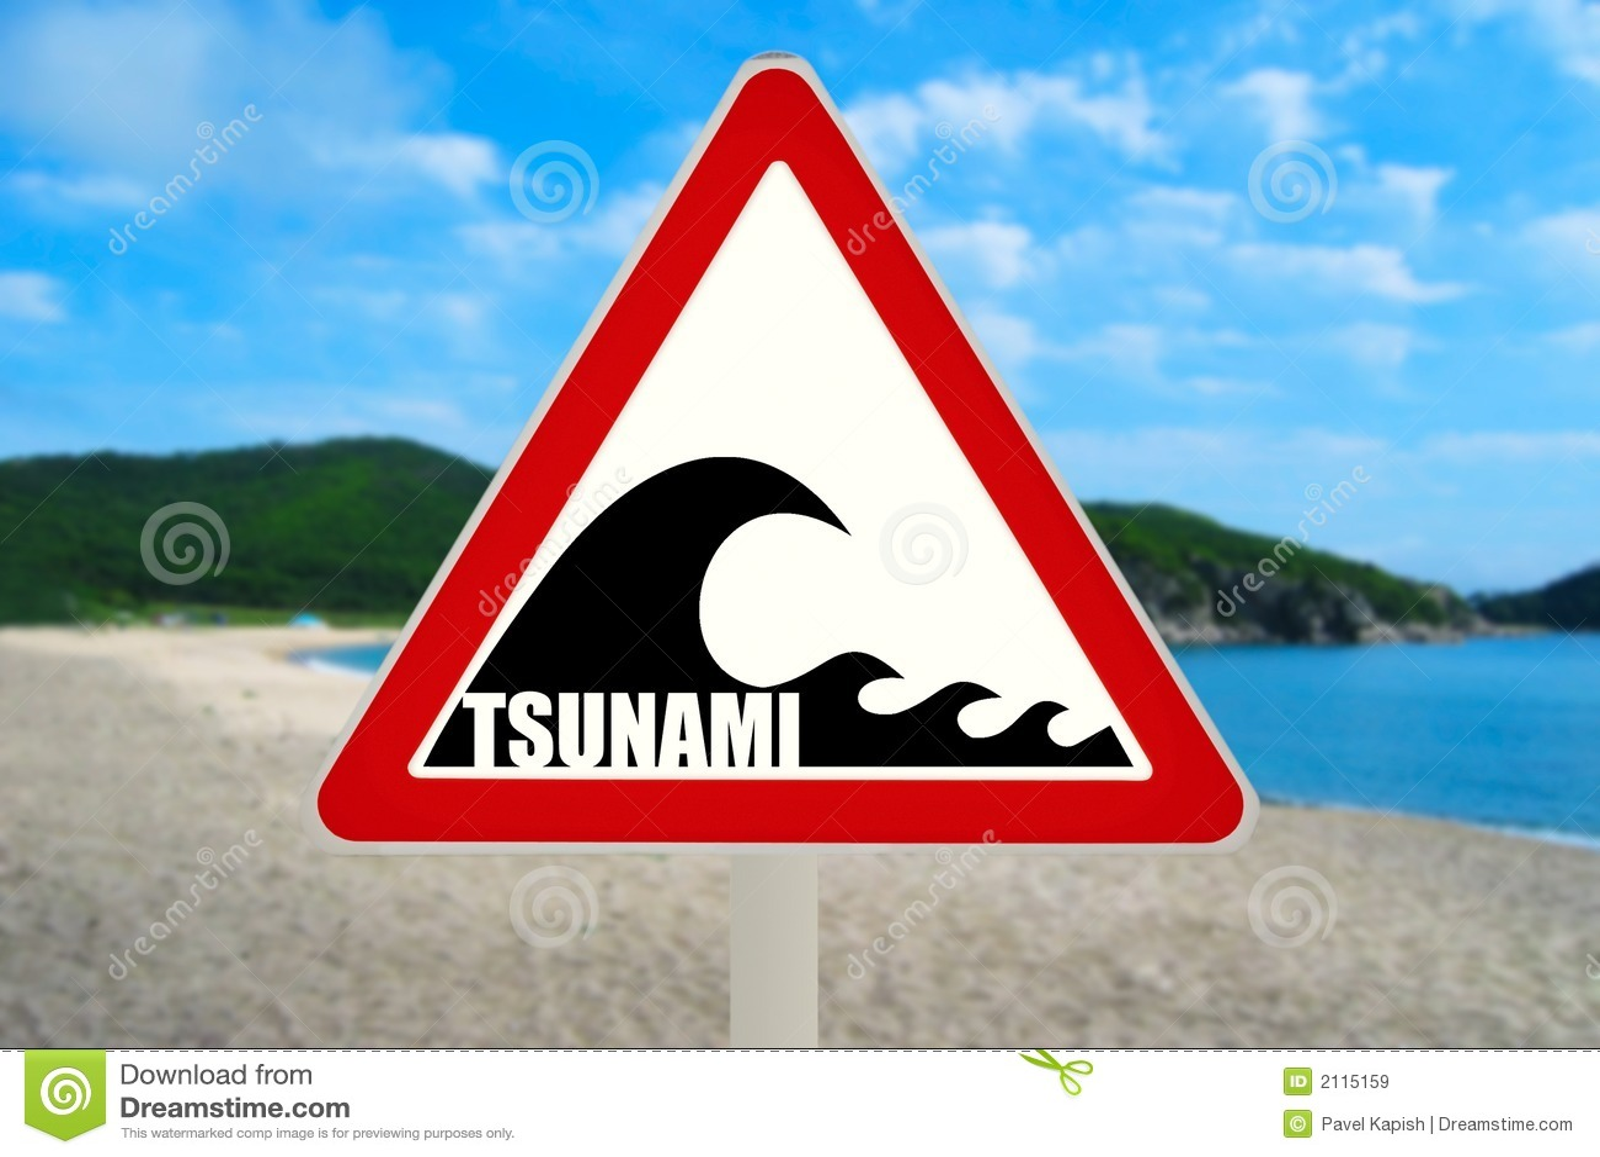 Tsunami Warning Sign stock image  Image of tourism, advice